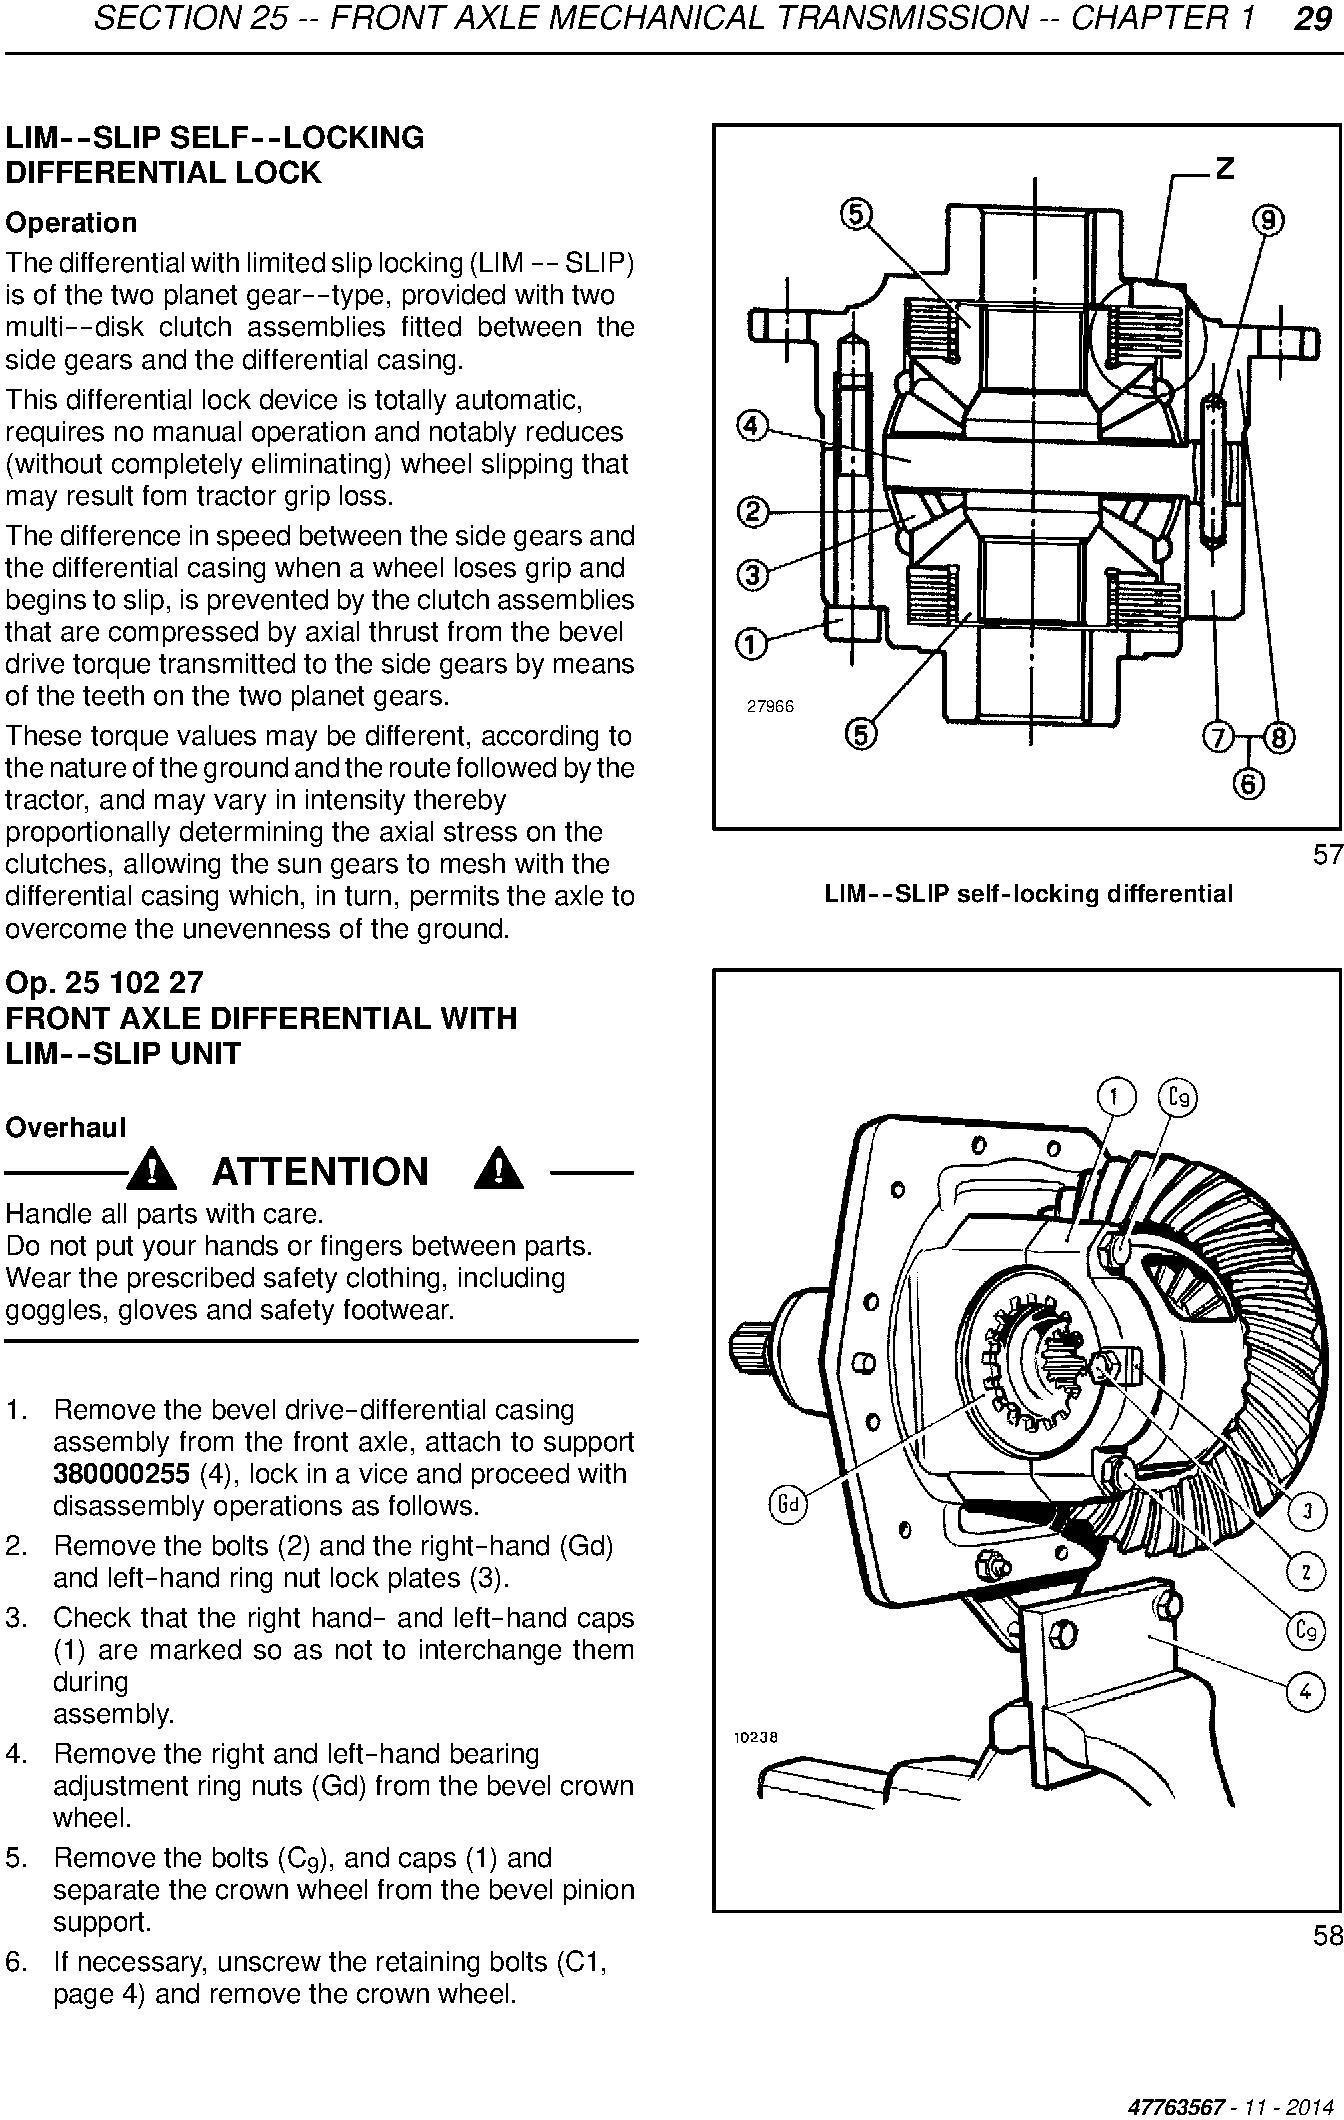 New Holland T3.50F, T3.55F, T3.66F, T3.75F Tractor Service Manual - 2